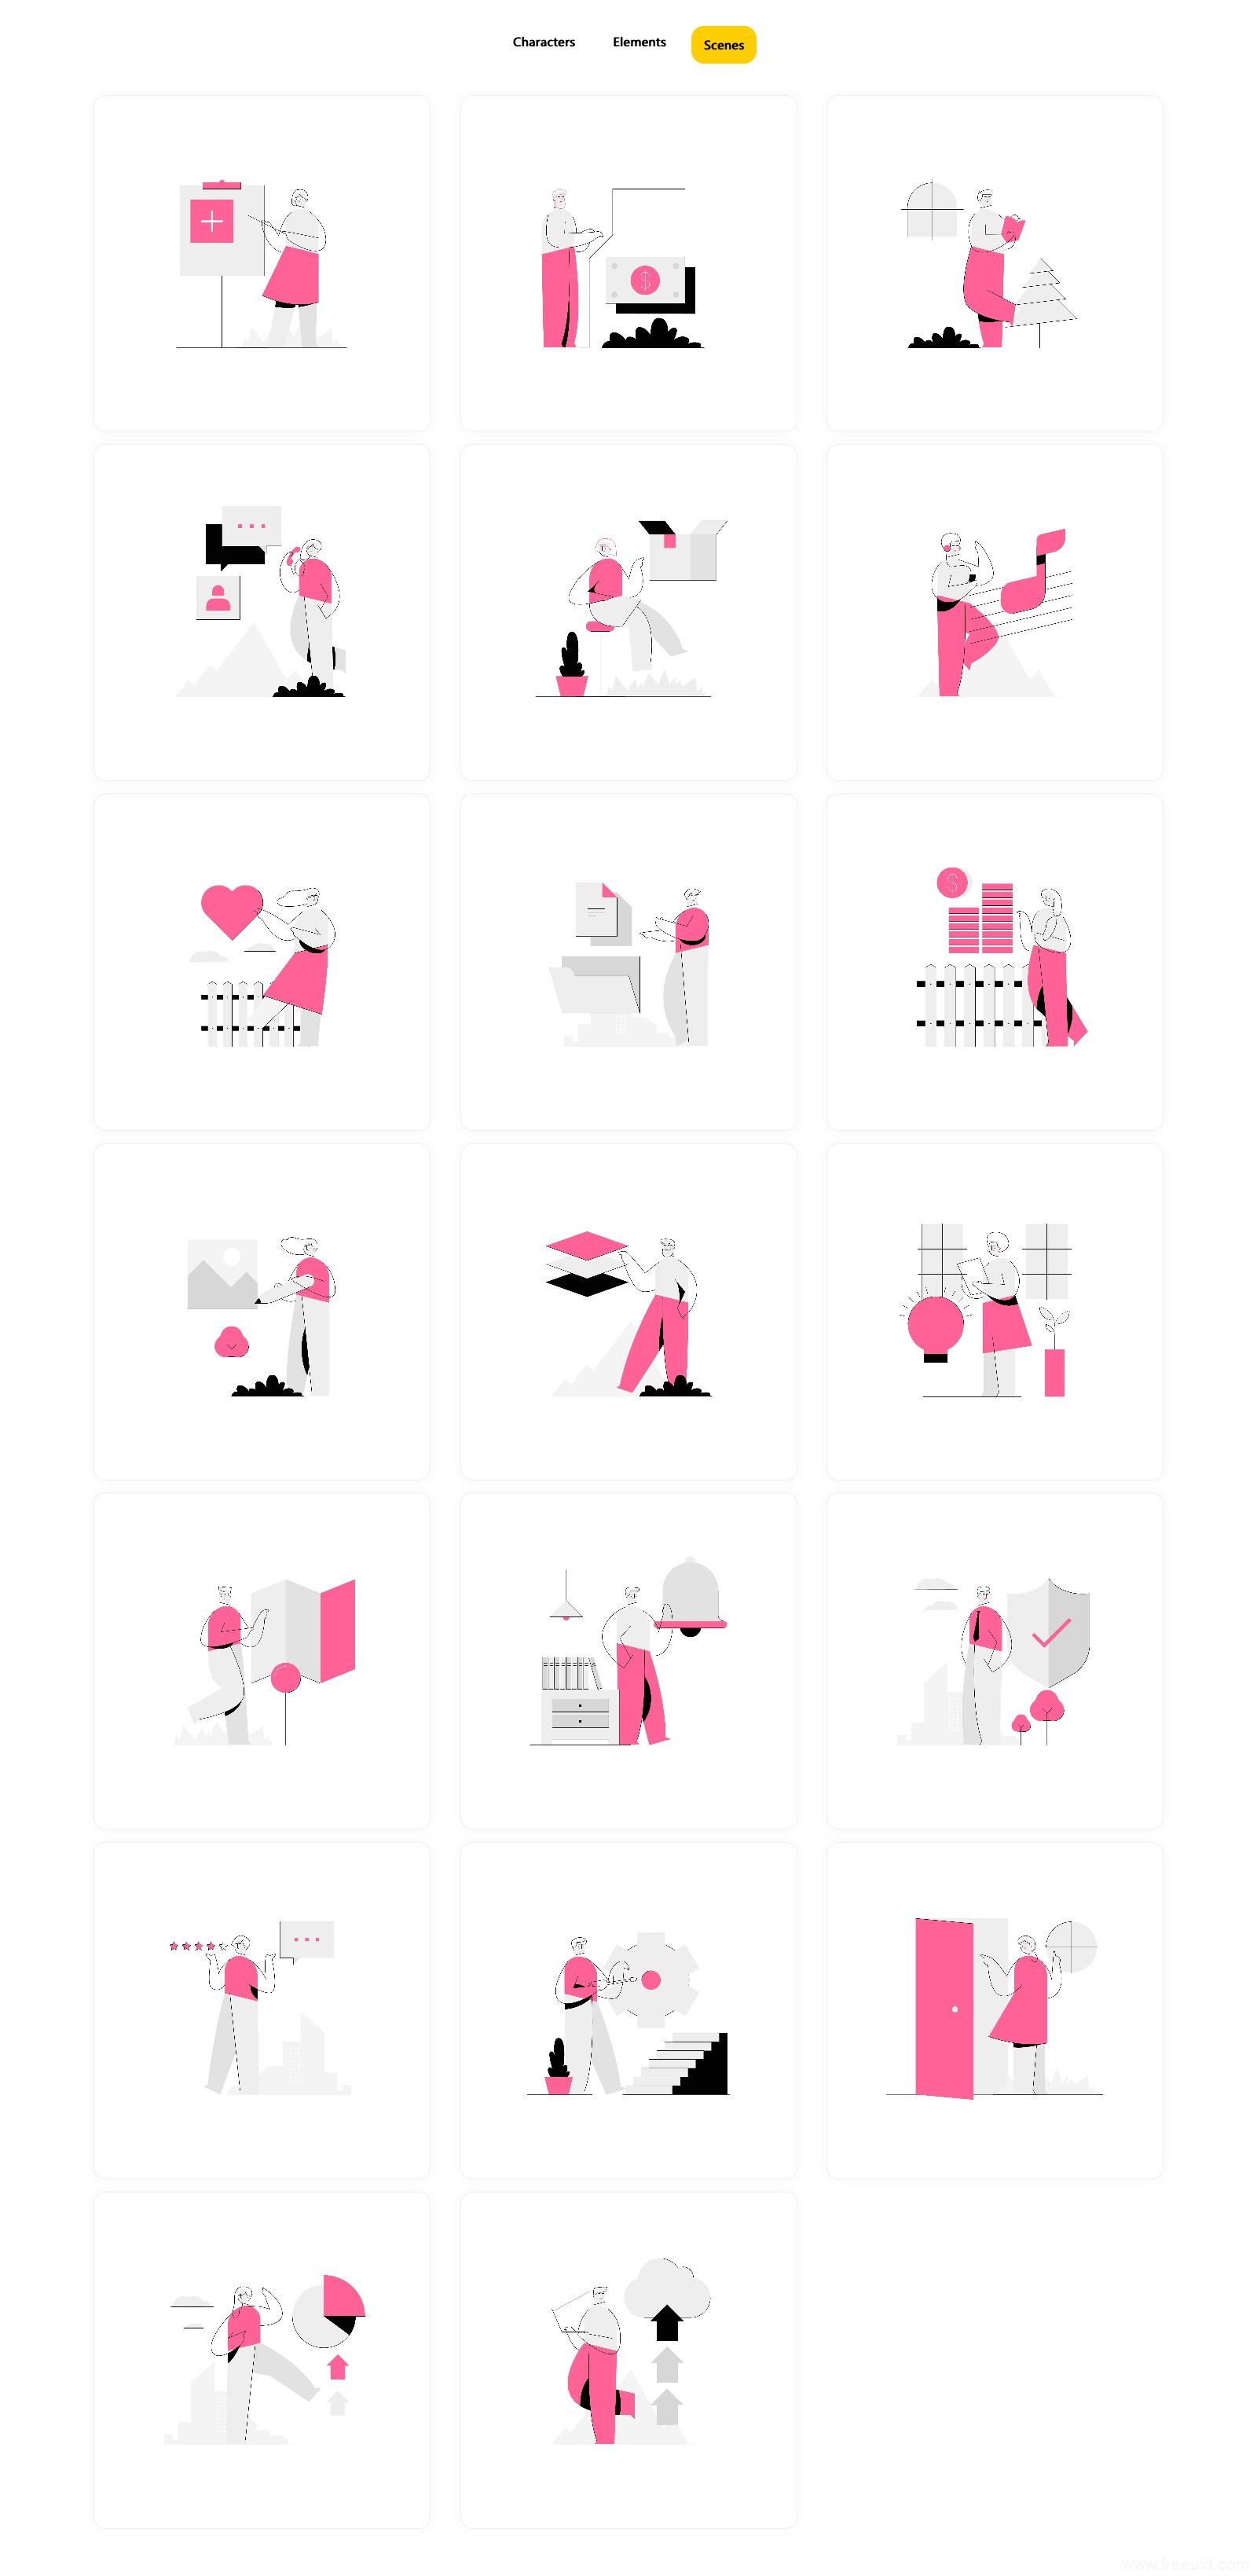 一组线条风格插画组件库,全套 .ai .svg .fig .xd .sketch .png插画素材下载